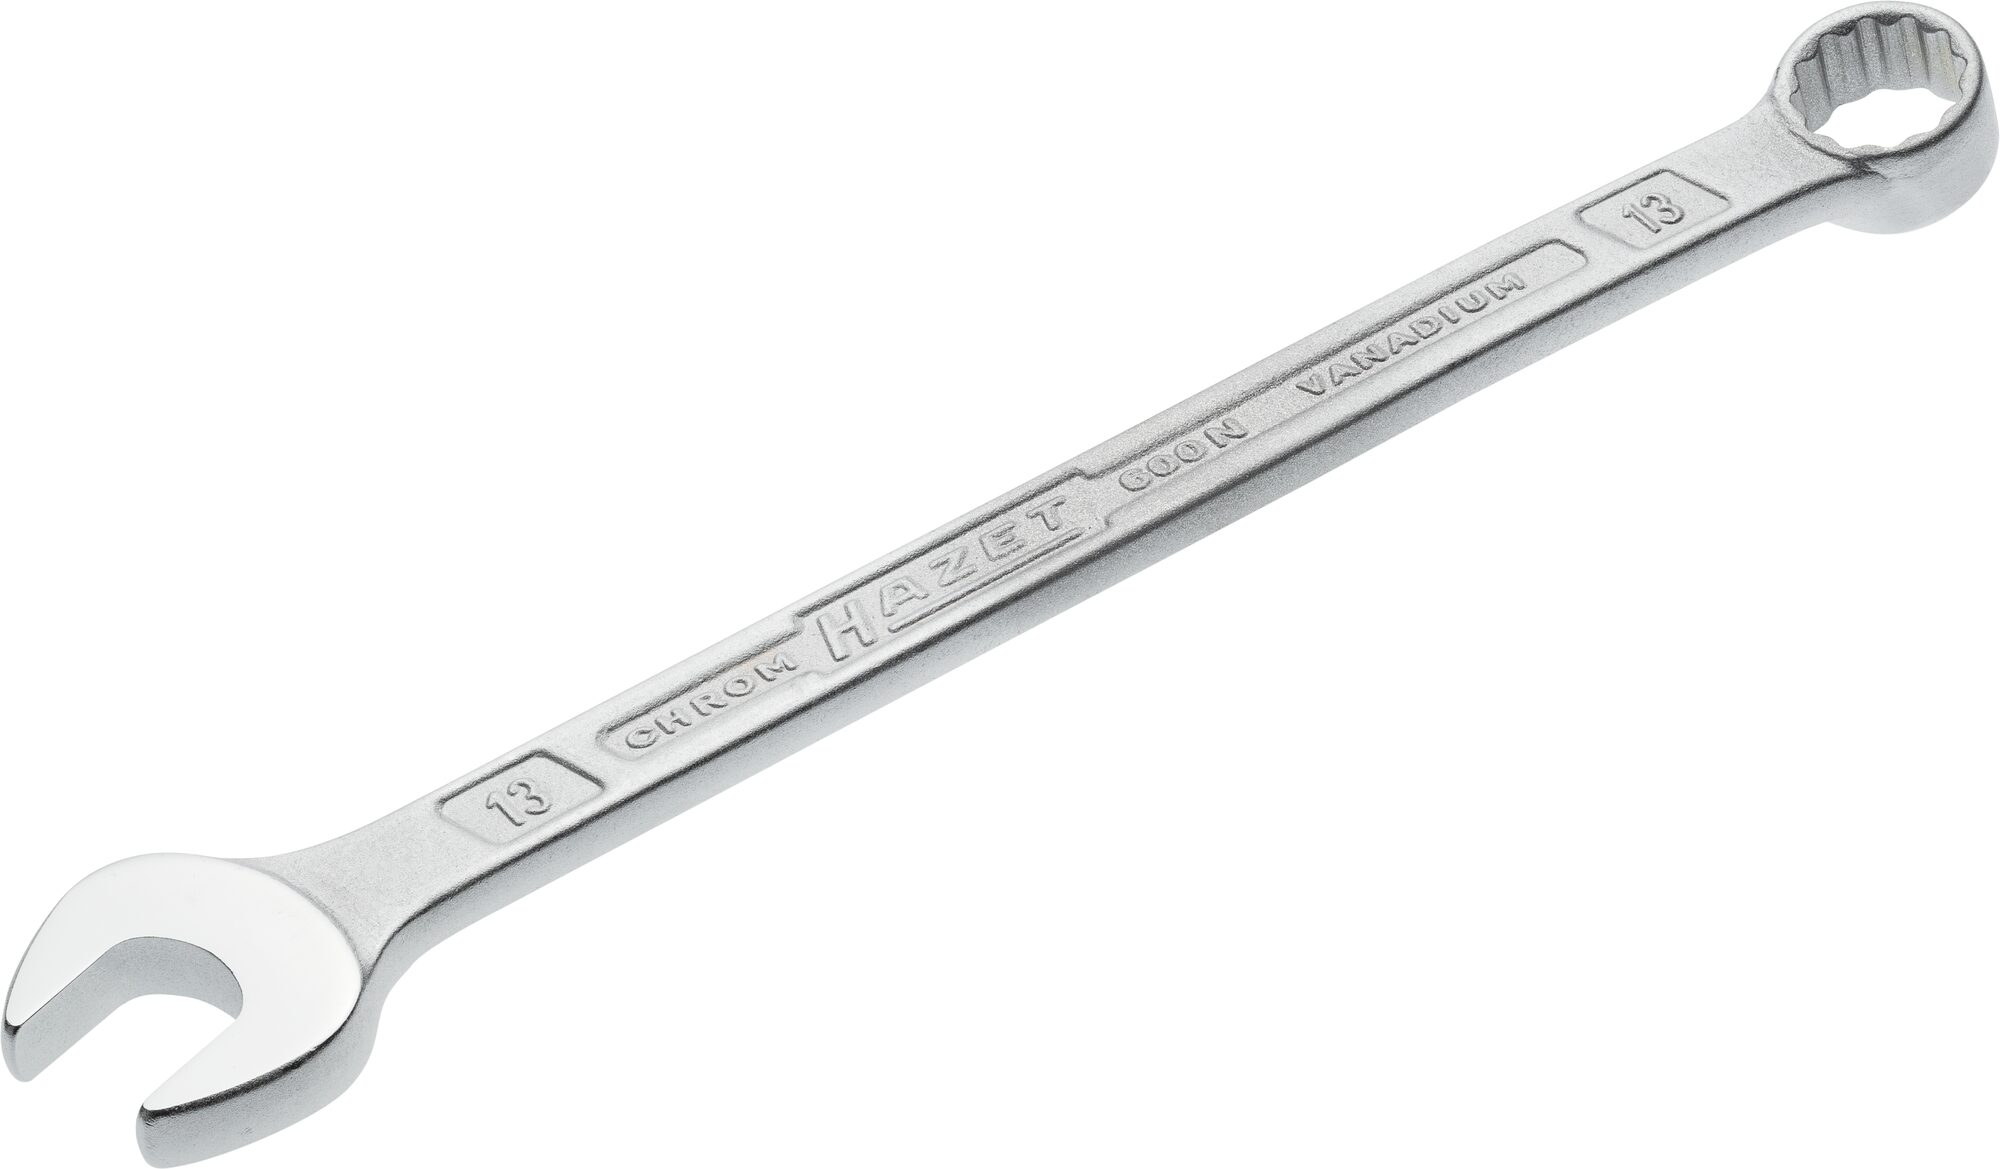 HAZET Ring-Maulschlüssel 600N-13 ∙ Außen-Doppel-Sechskant-Tractionsprofil ∙ 13 mm